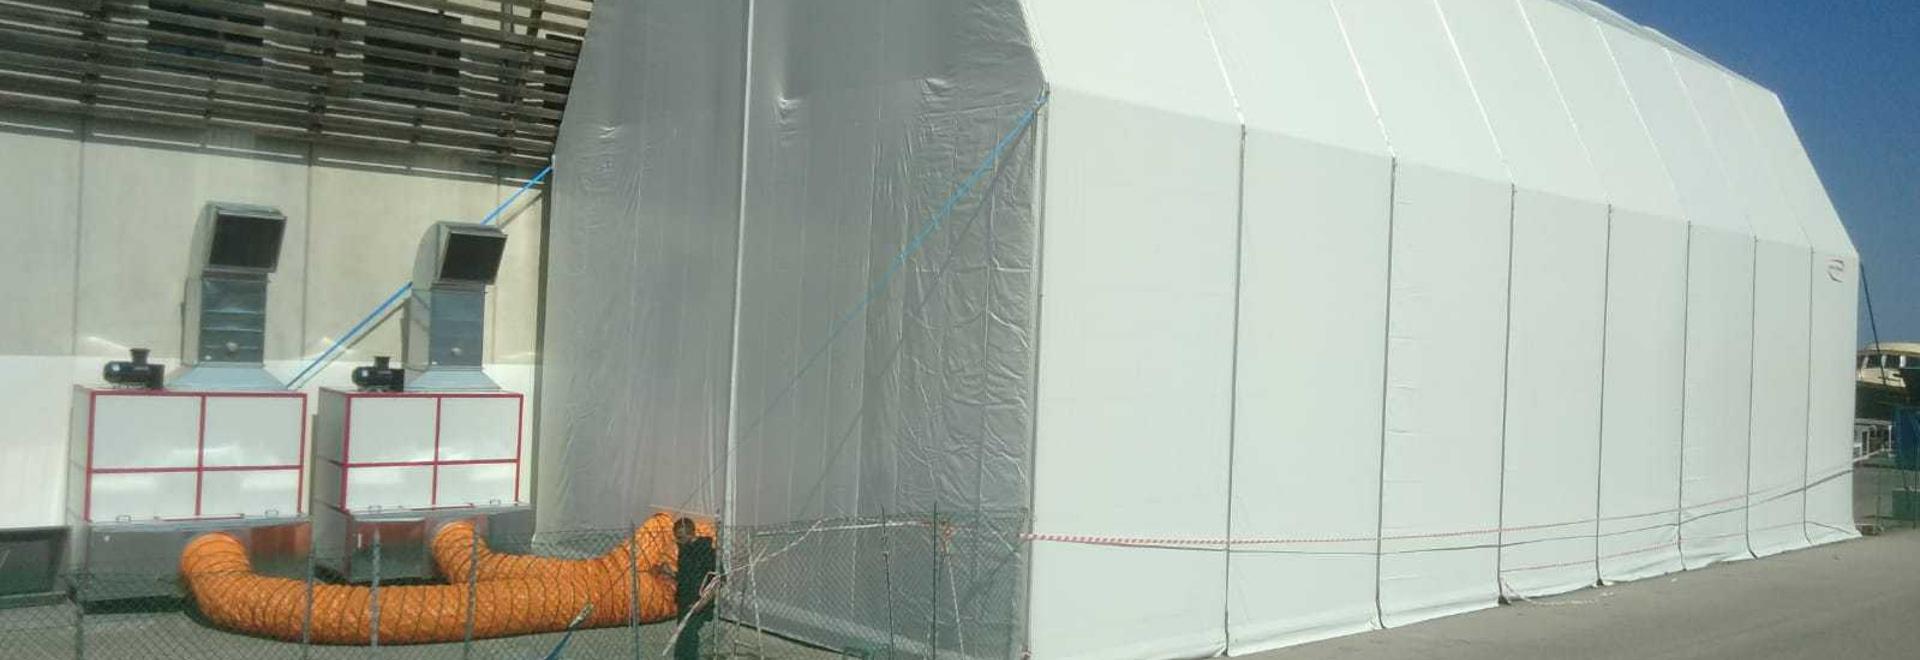 Cabine de peinture pour yachts